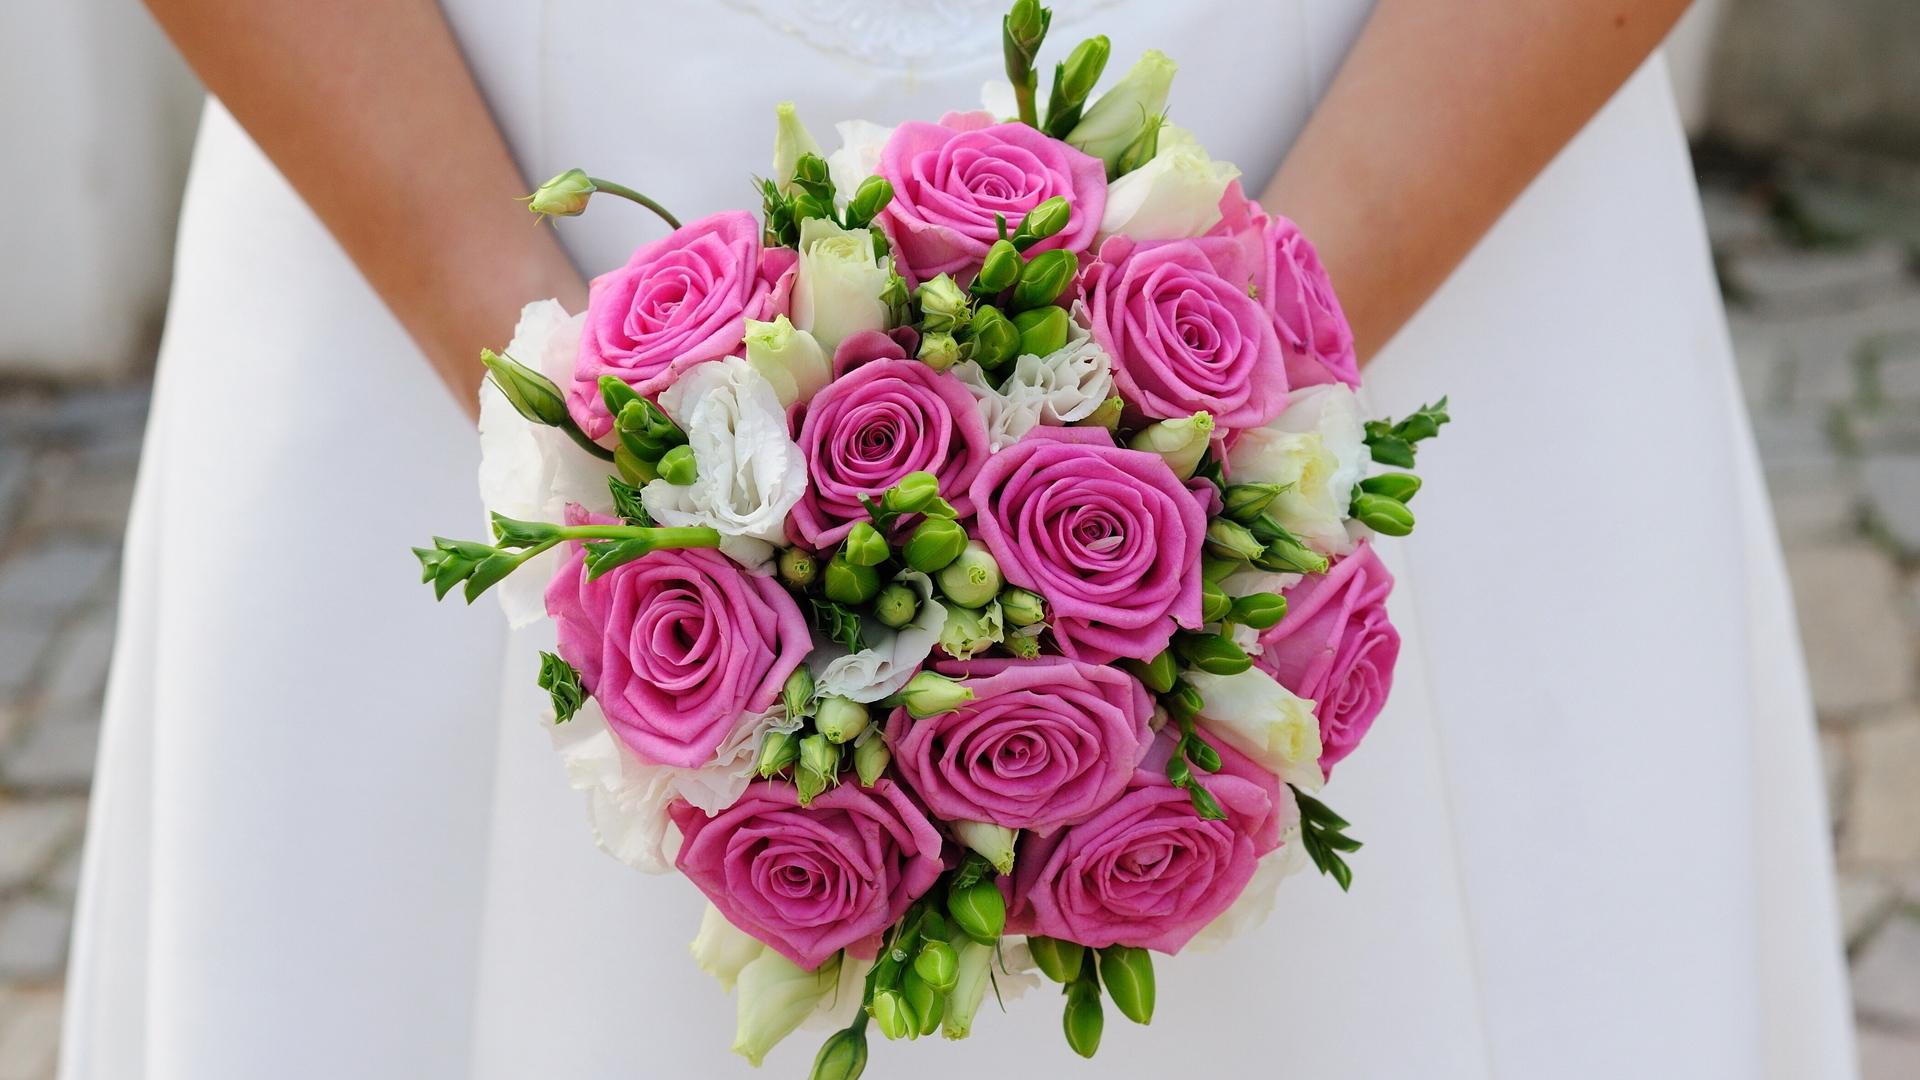 Букет для, свадебные букеты где купить в санкт-петербурге